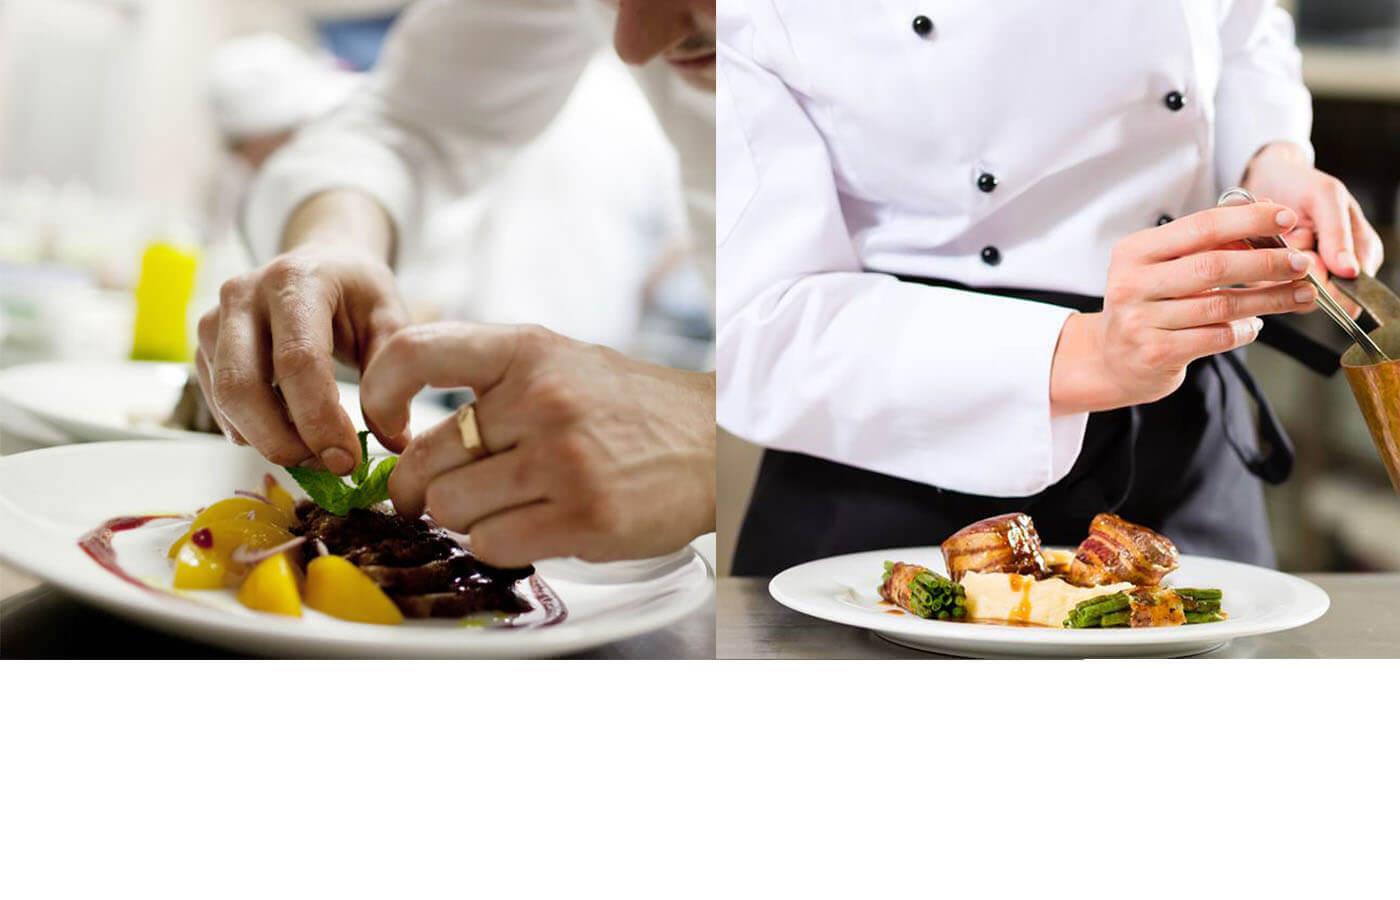 Cursos para gastronomia e fazer comida para vender